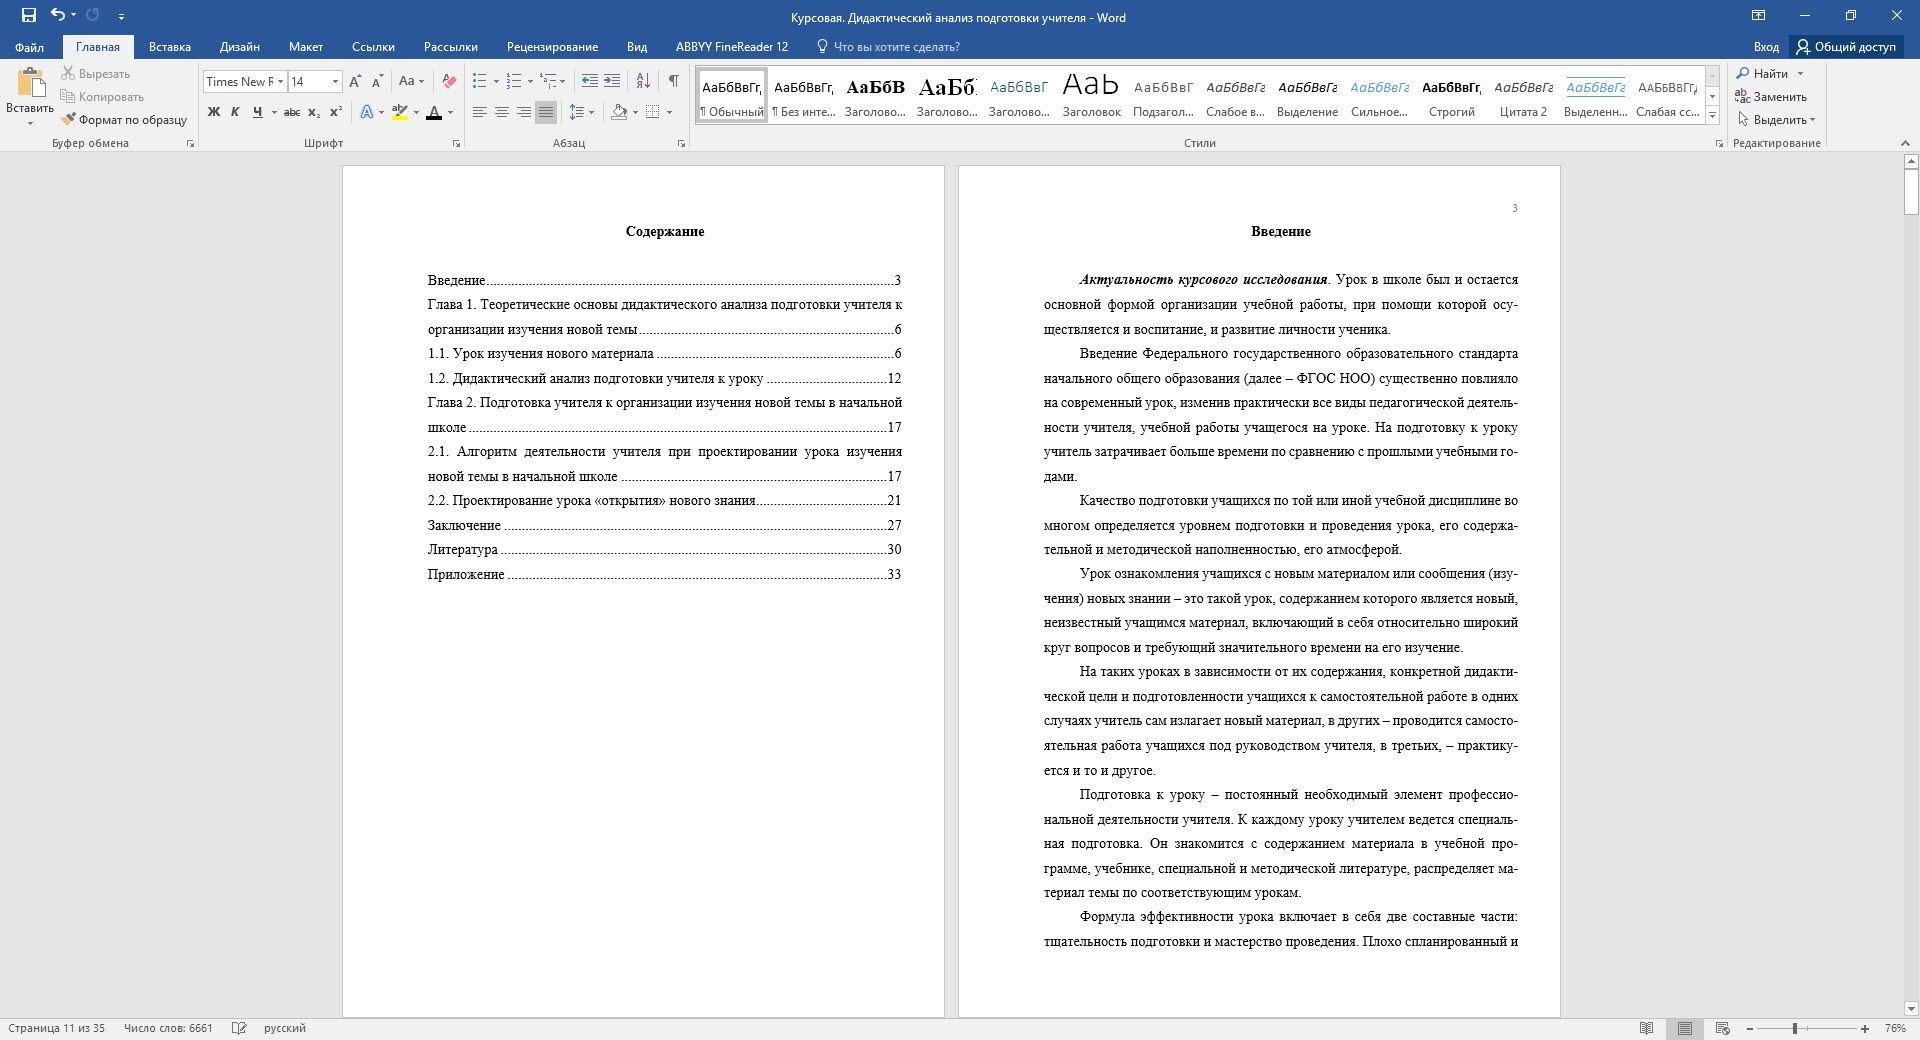 Сколько страниц занимает реферат